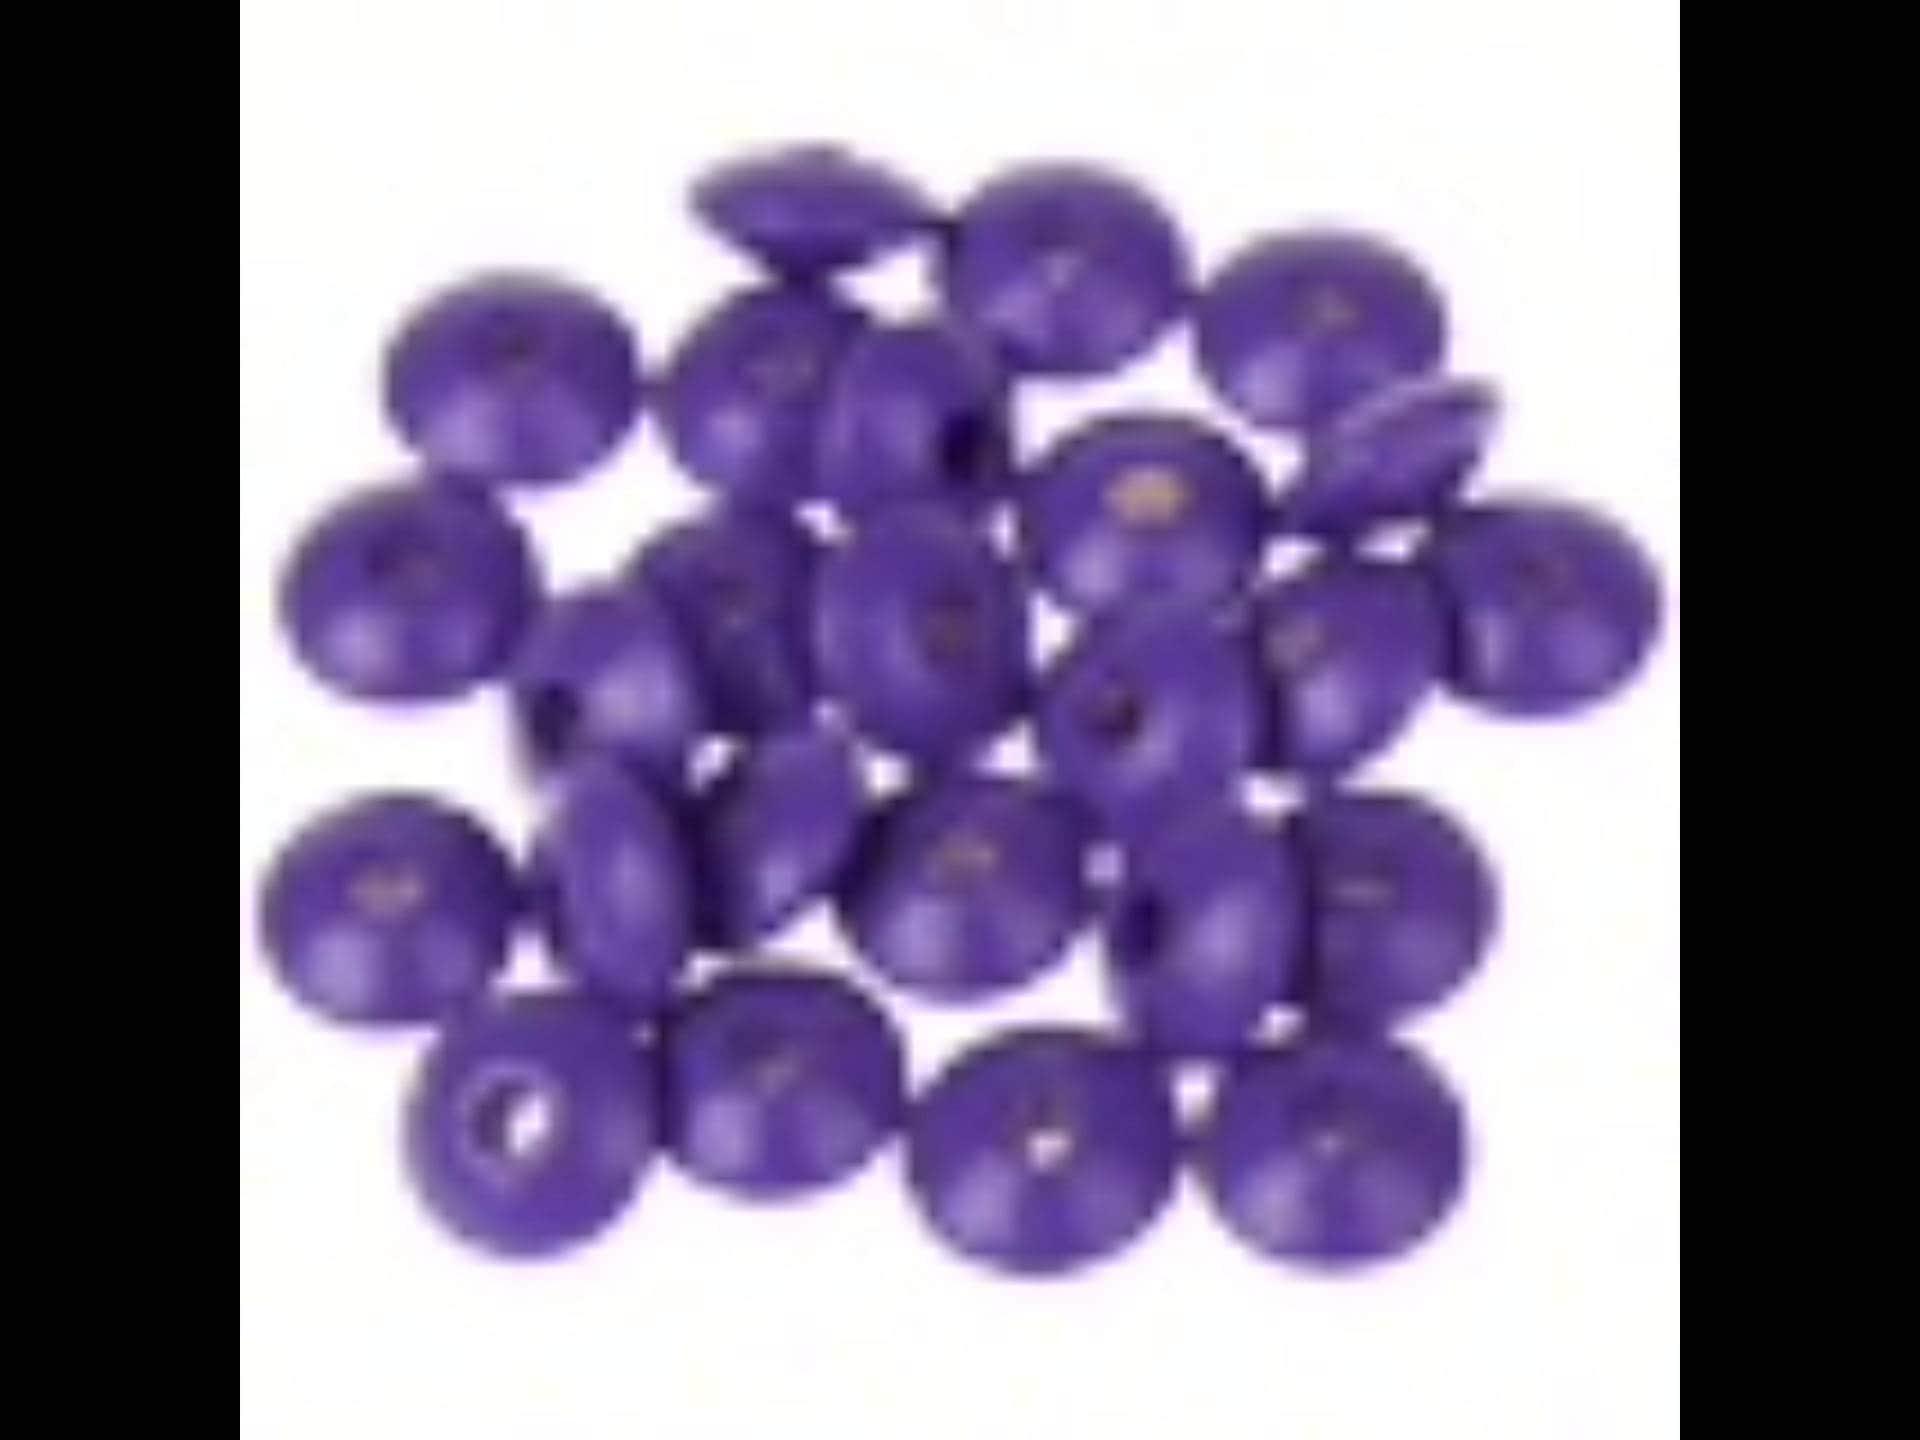 50 perles plates 10 mm pour attache tetineattache sucette - Perle en bois pour attache tetine ...